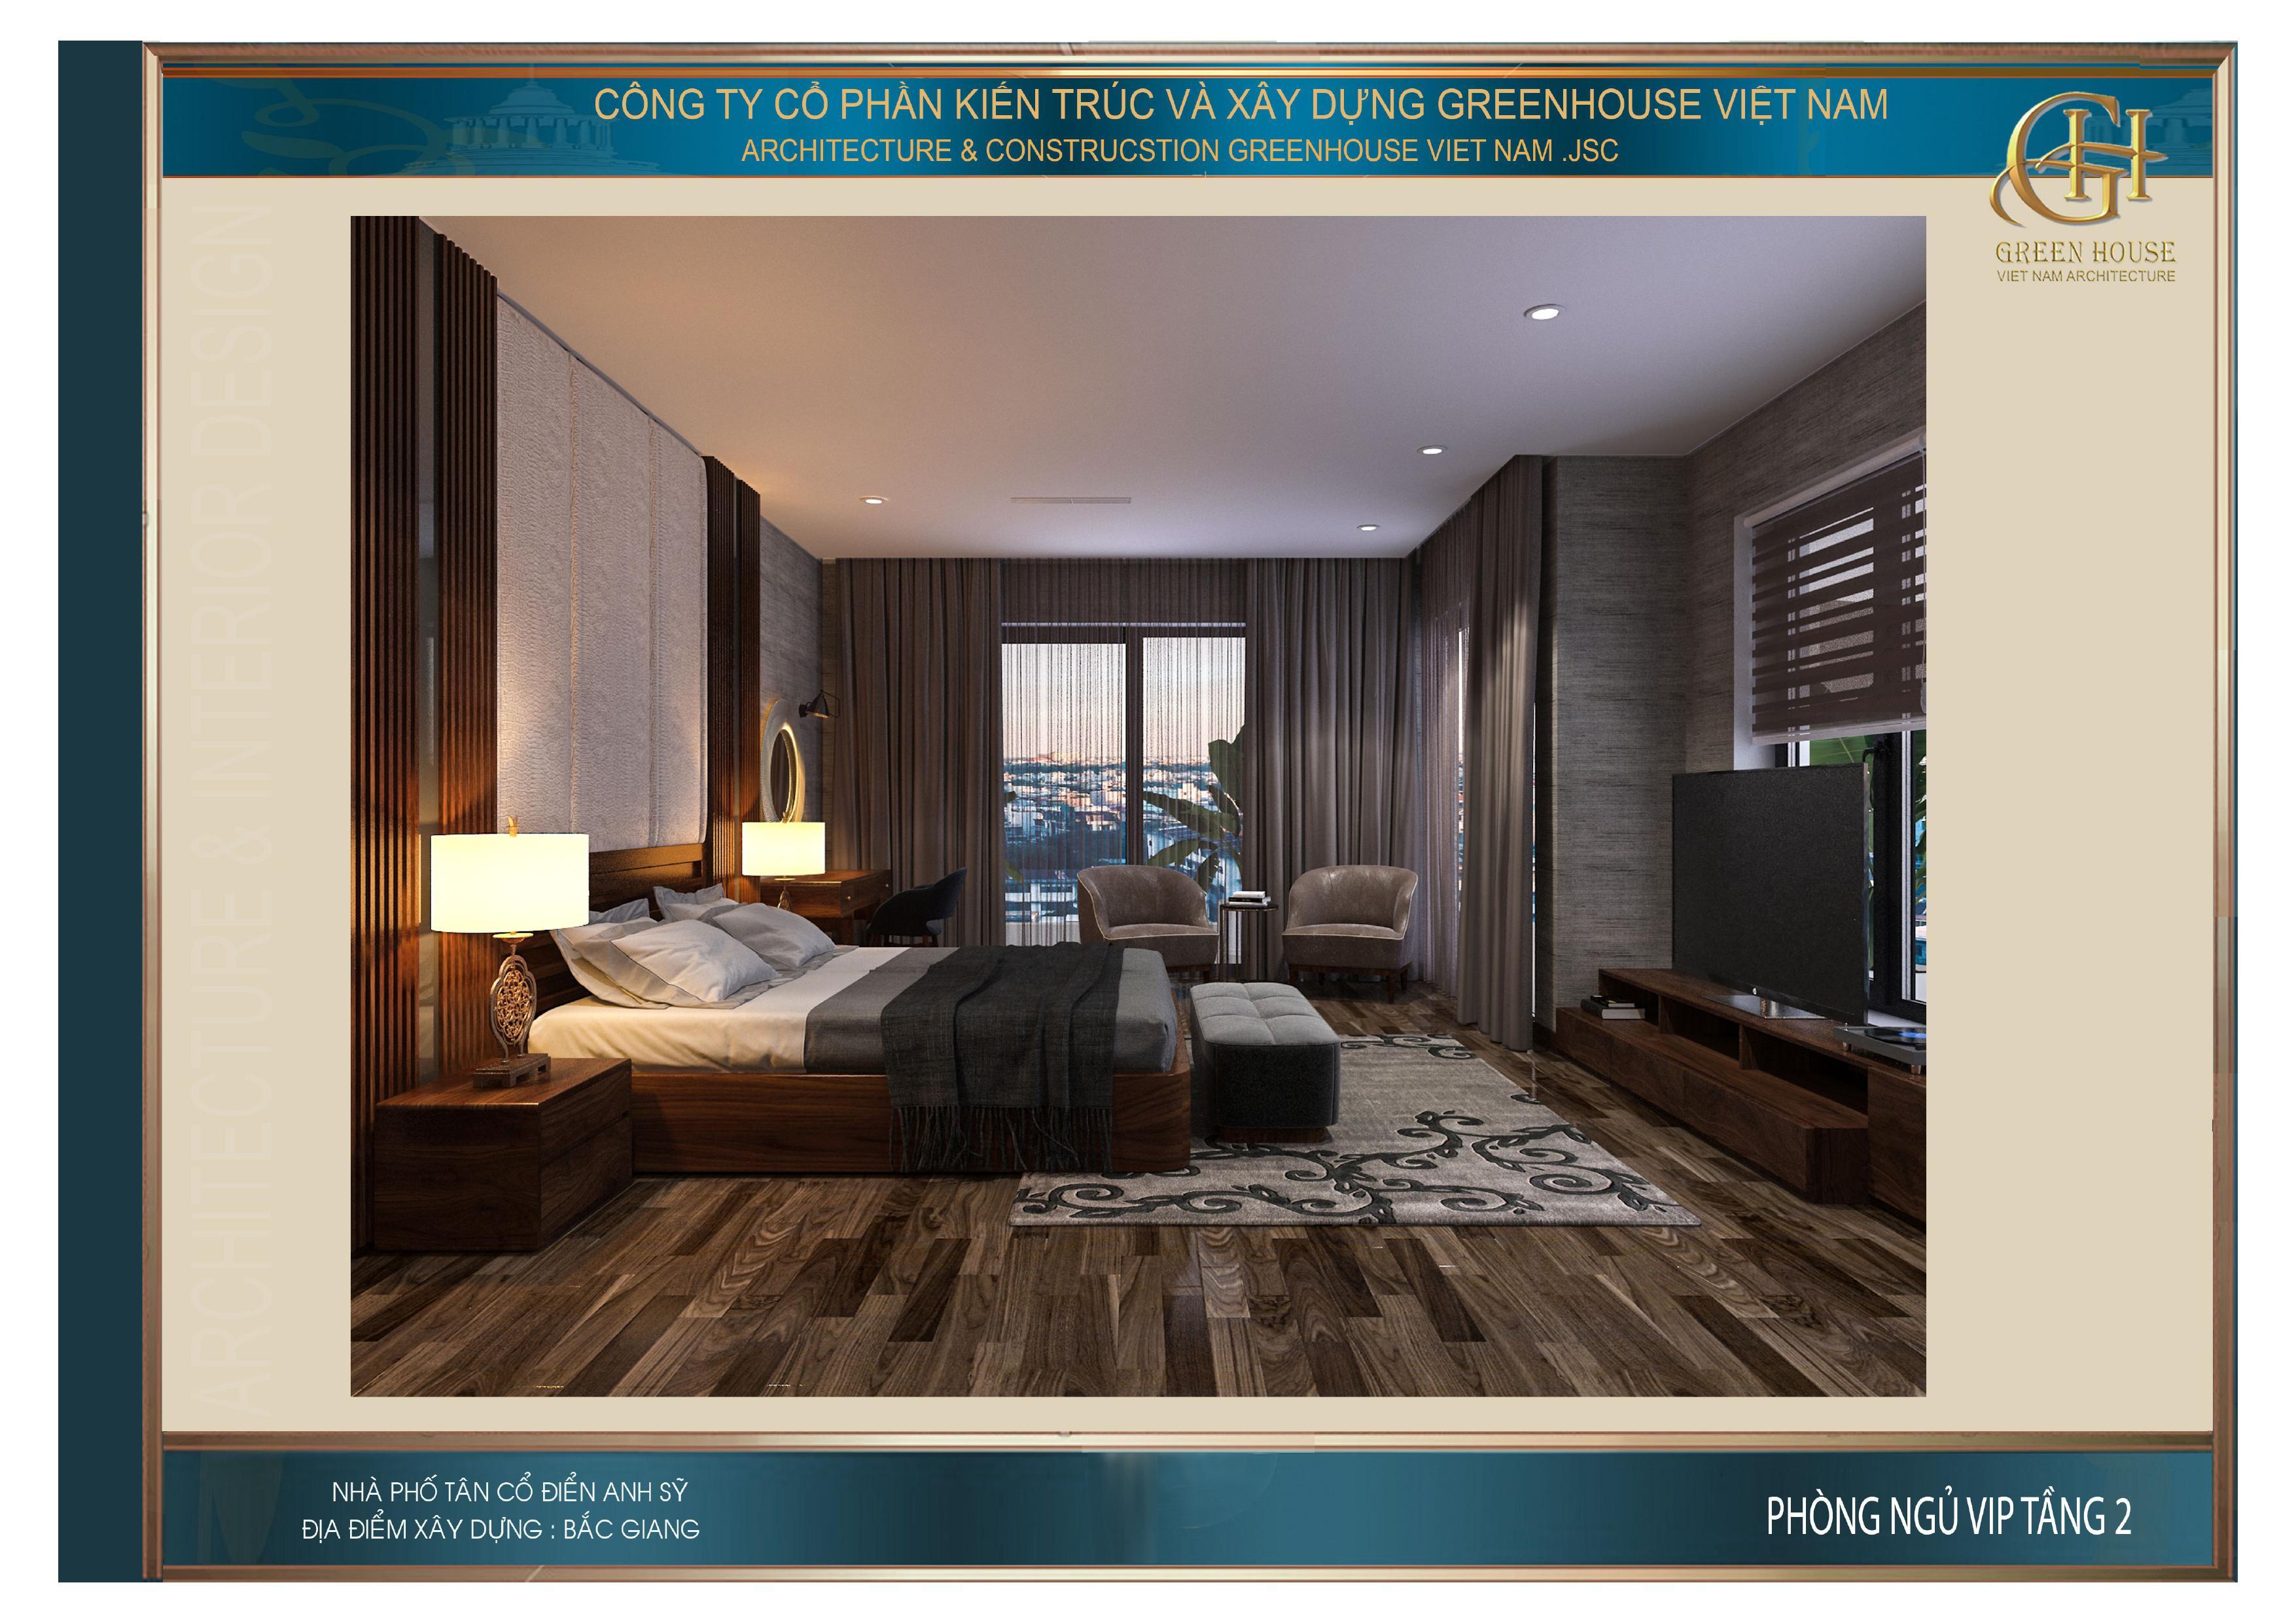 Phòng ngủ VIP của nhà phố tân cổ điển 3 tầng